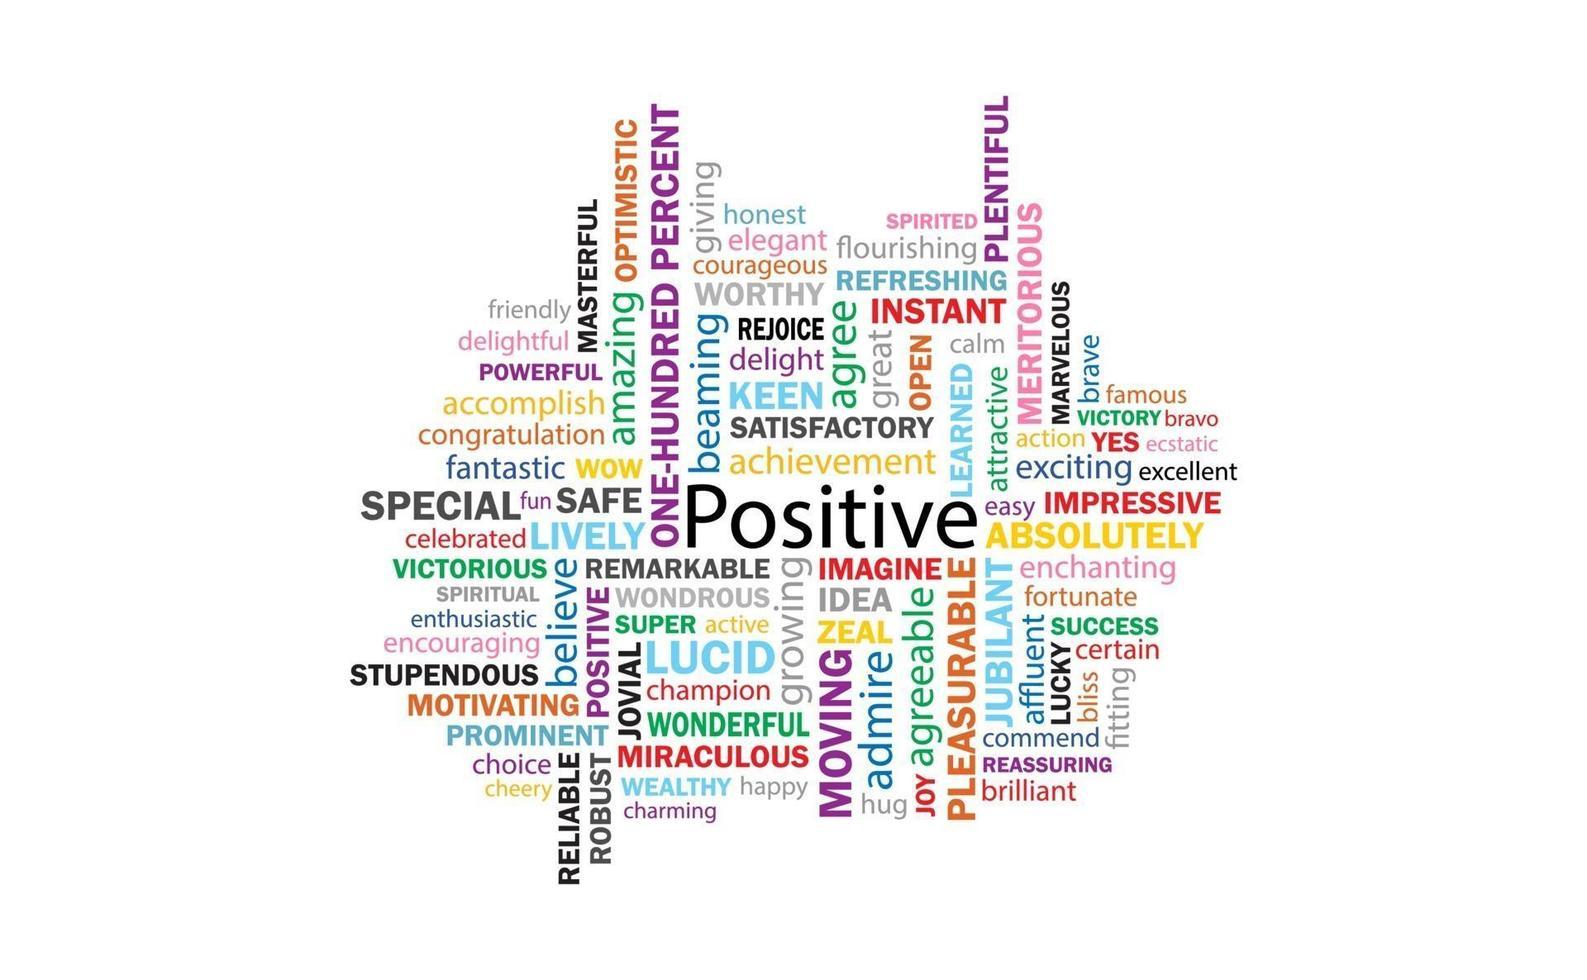 pensiero positivo 99 parole per la comunicazione e l'affermazione. vettore